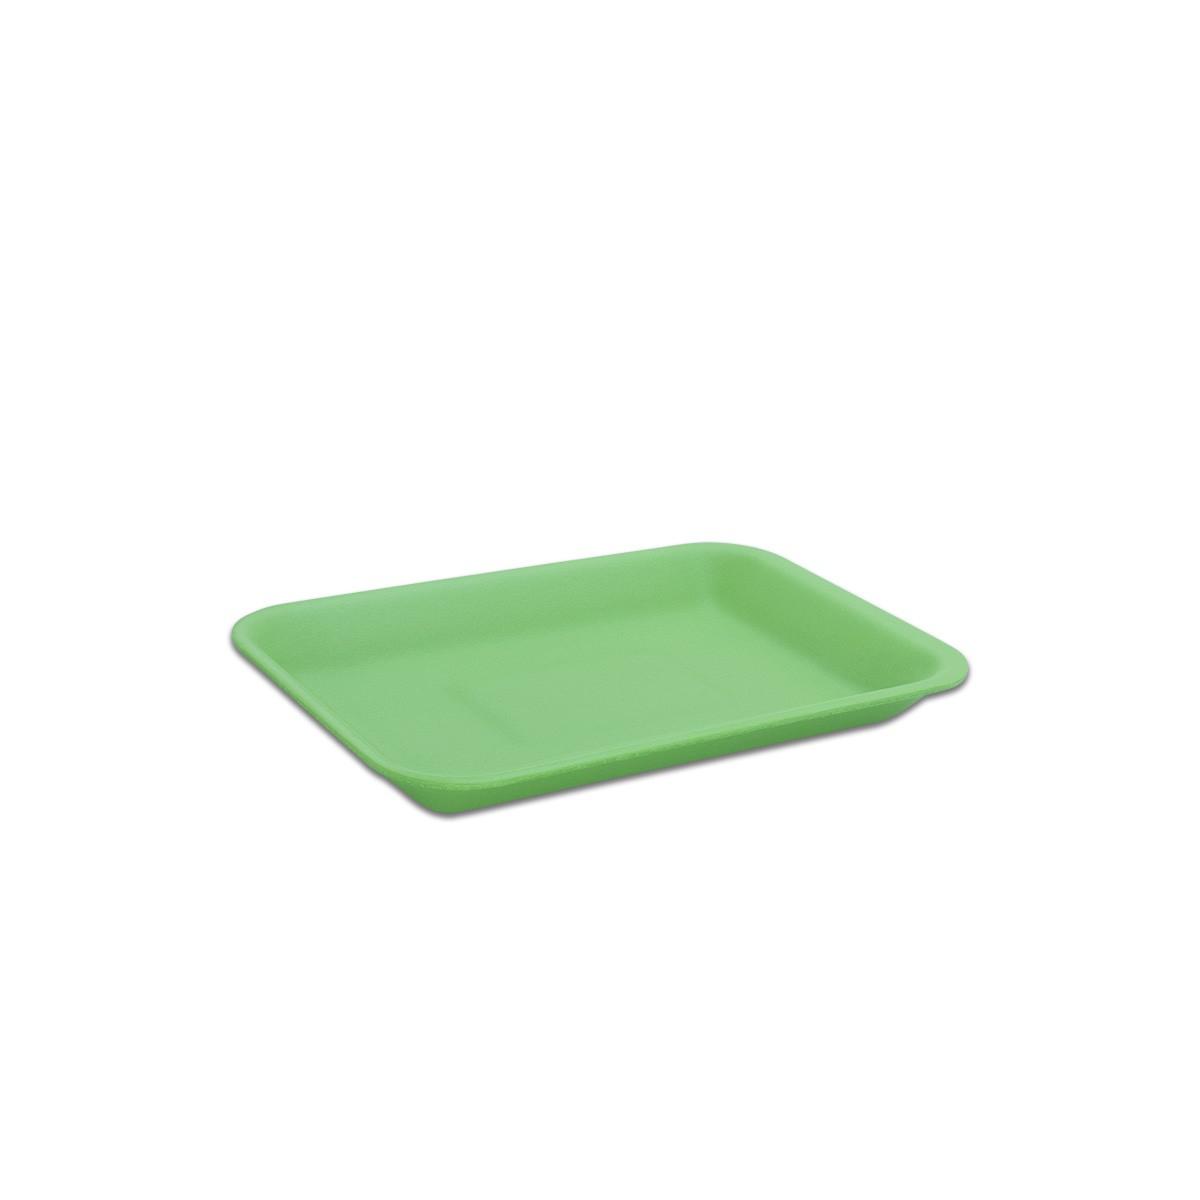 Foam Tray 216x152x20mm - Green | 500pcs